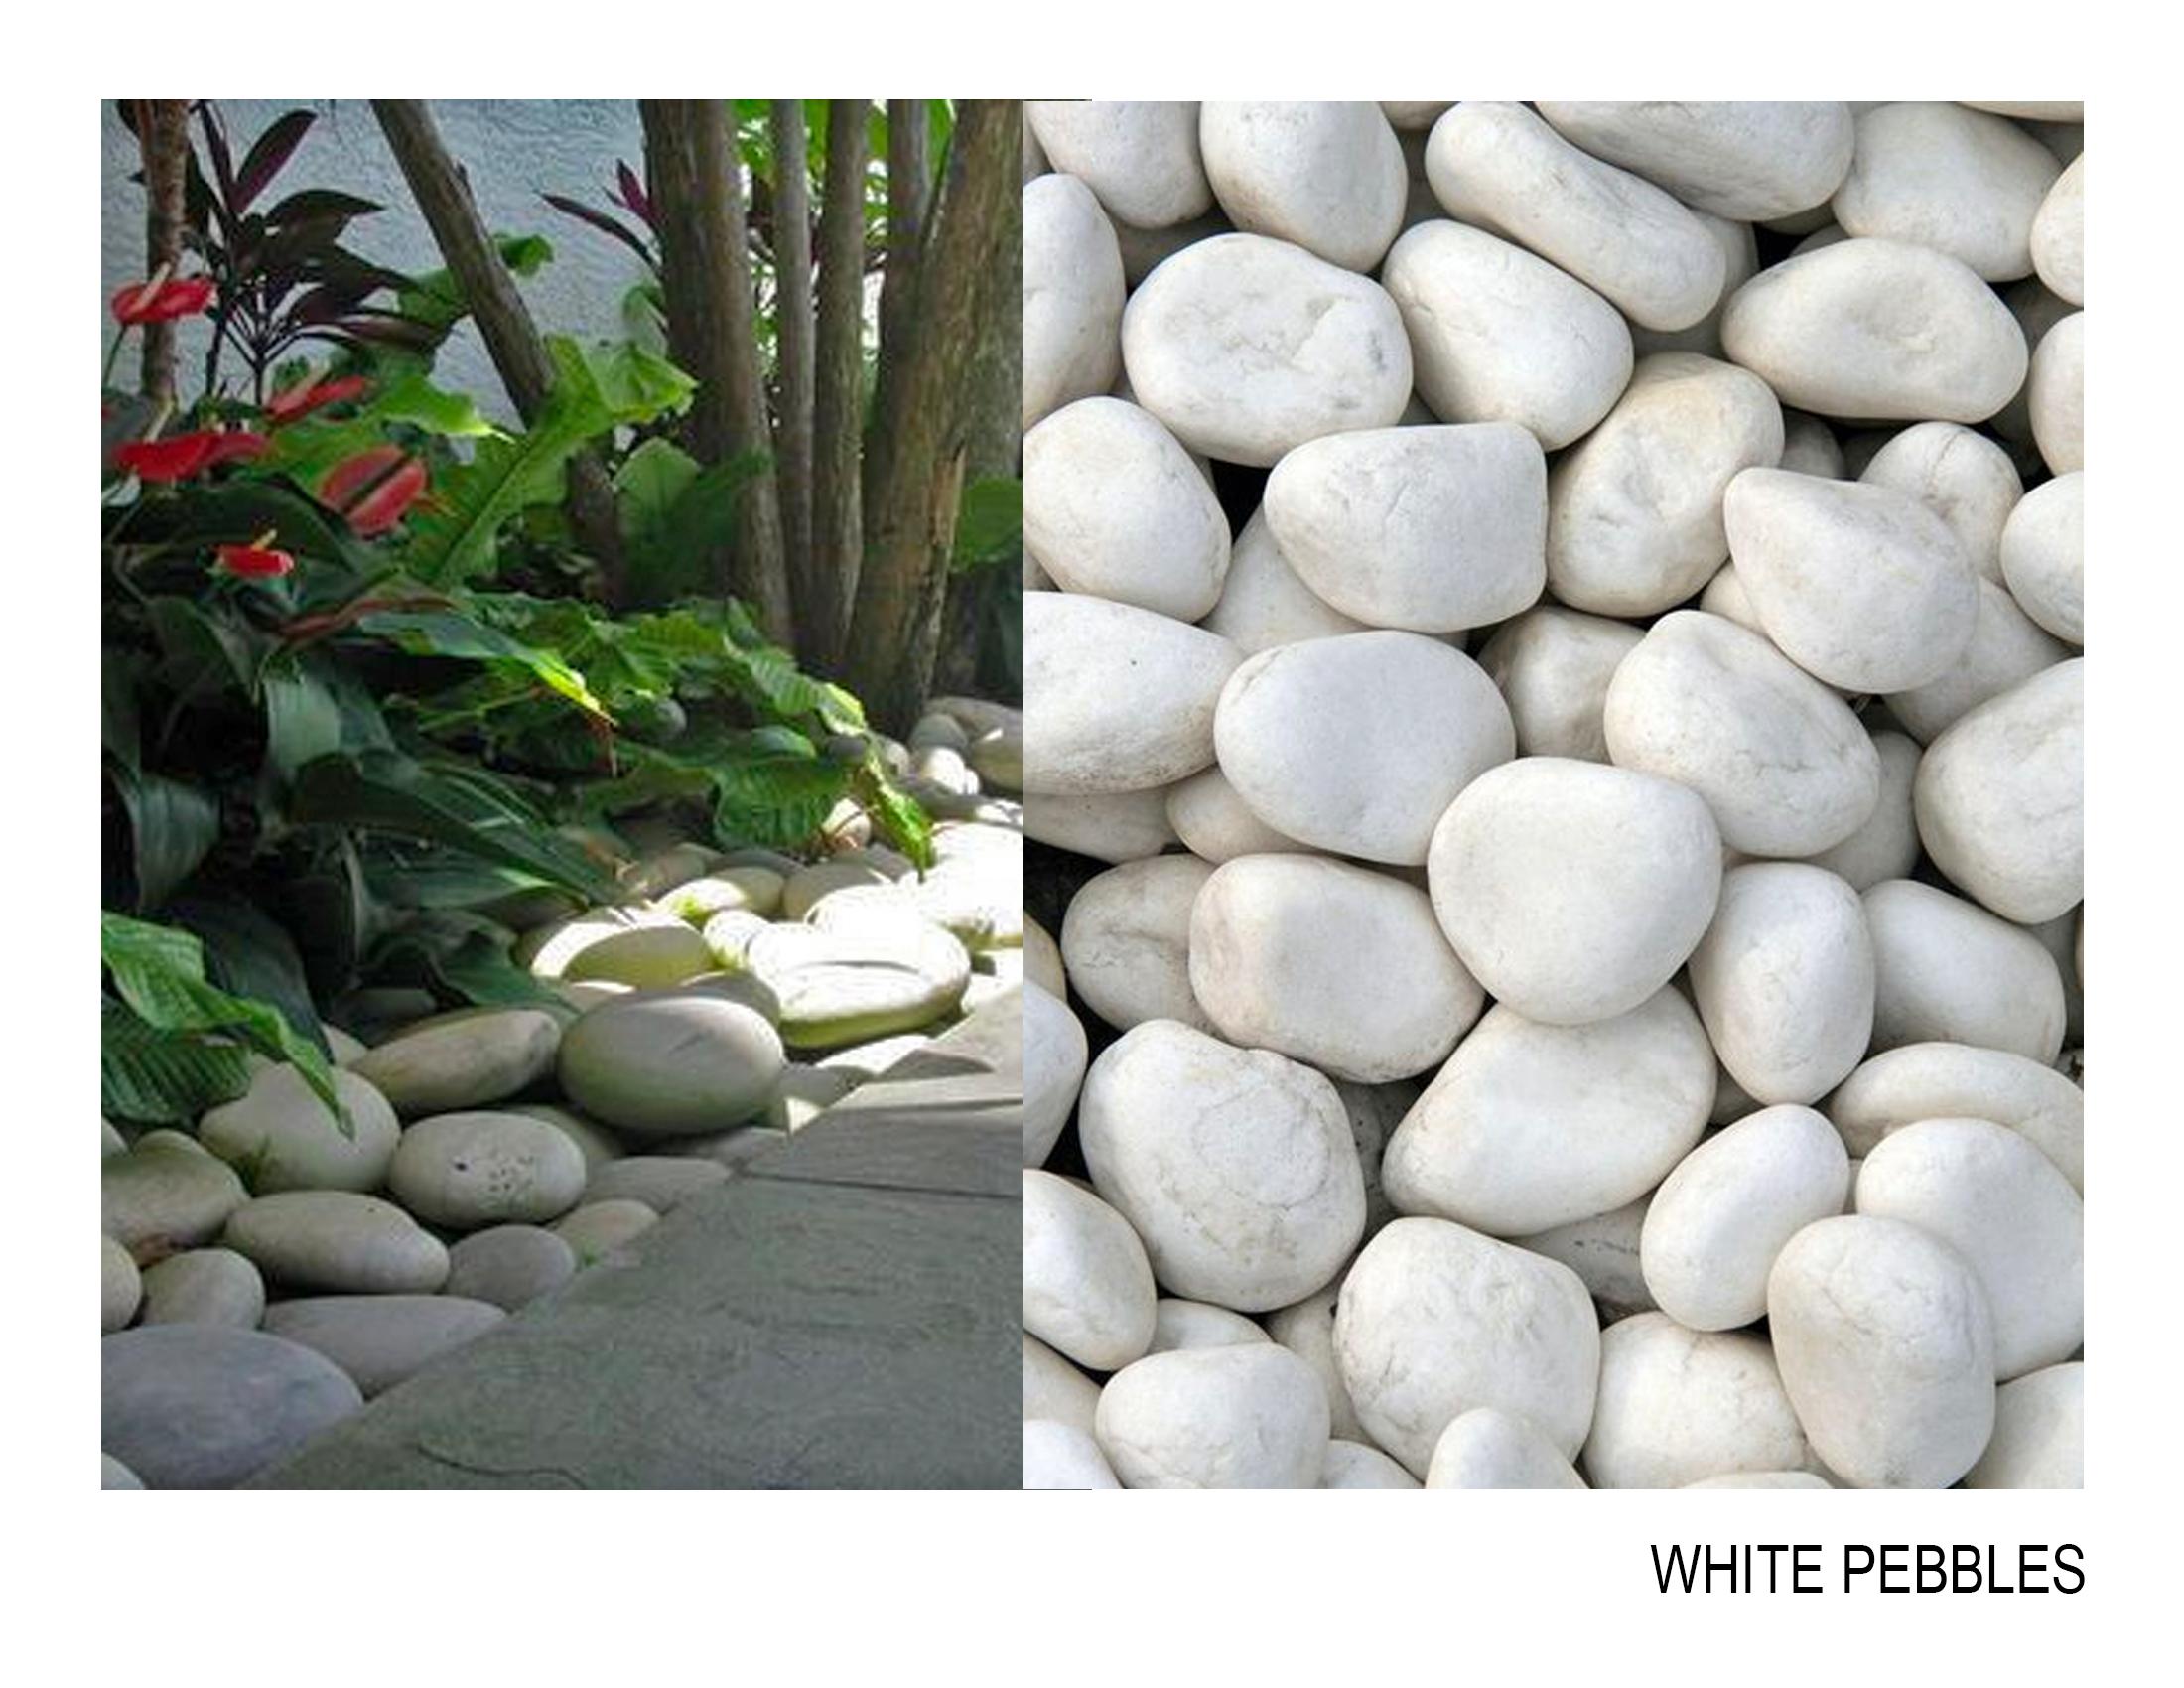 white pebbles.jpg